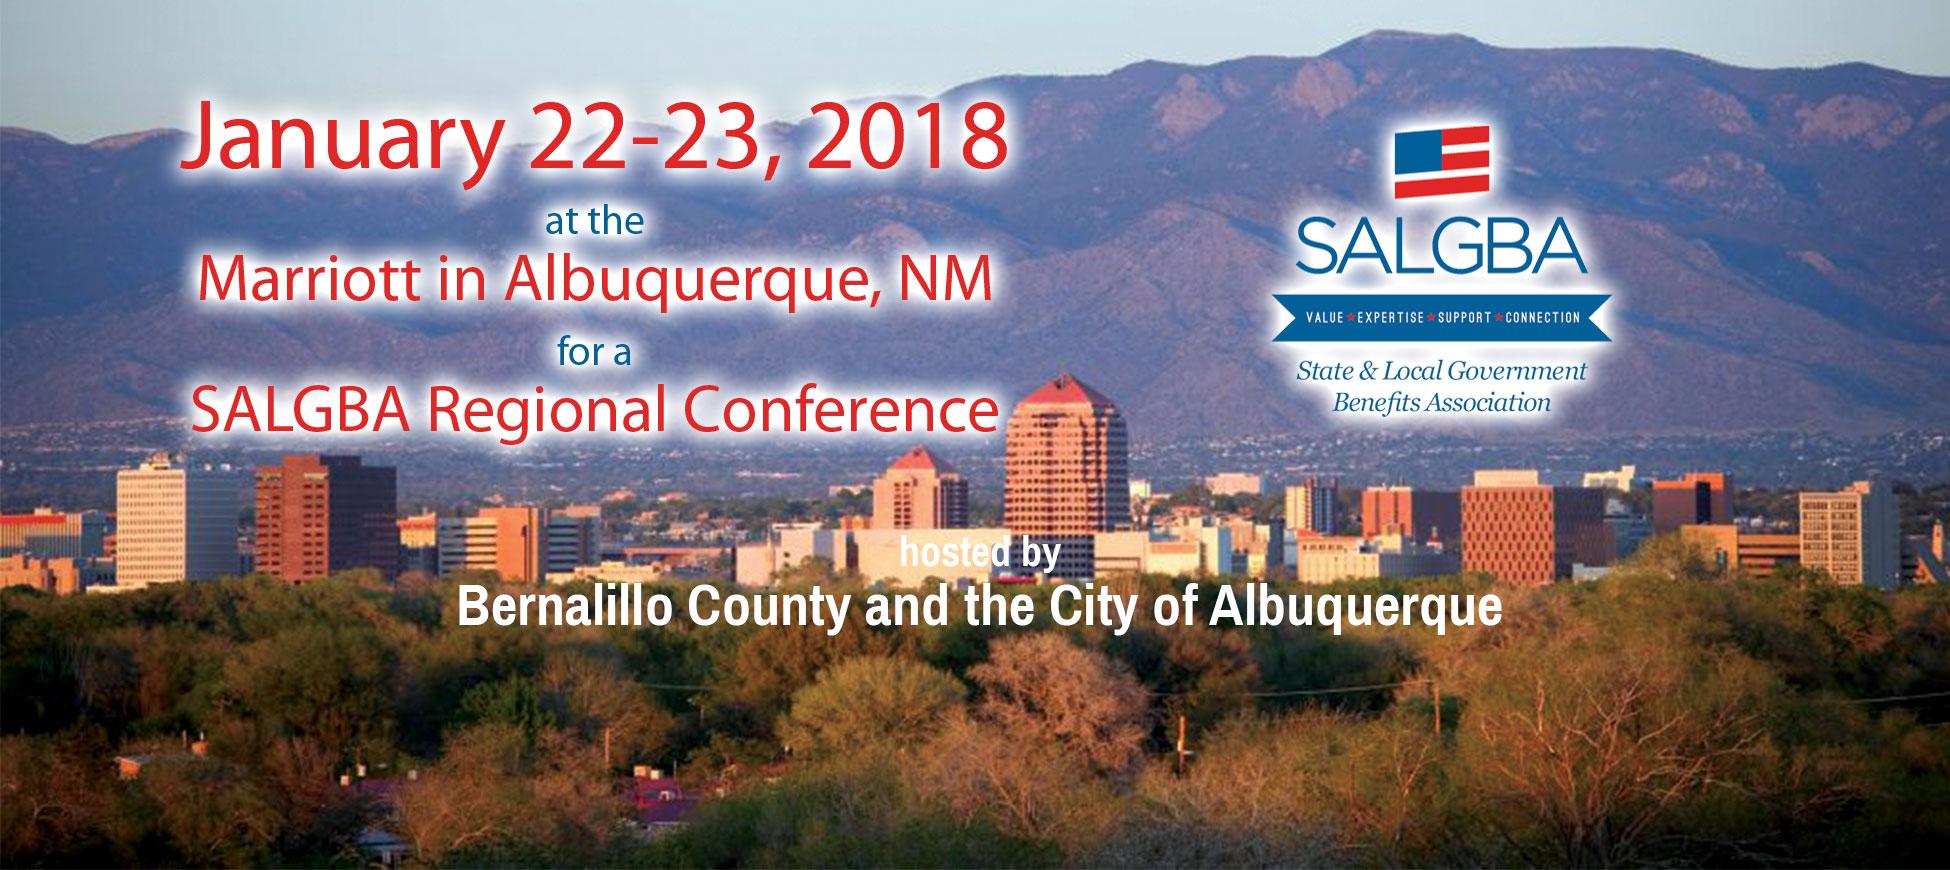 SALGBA Albuquerque Regional